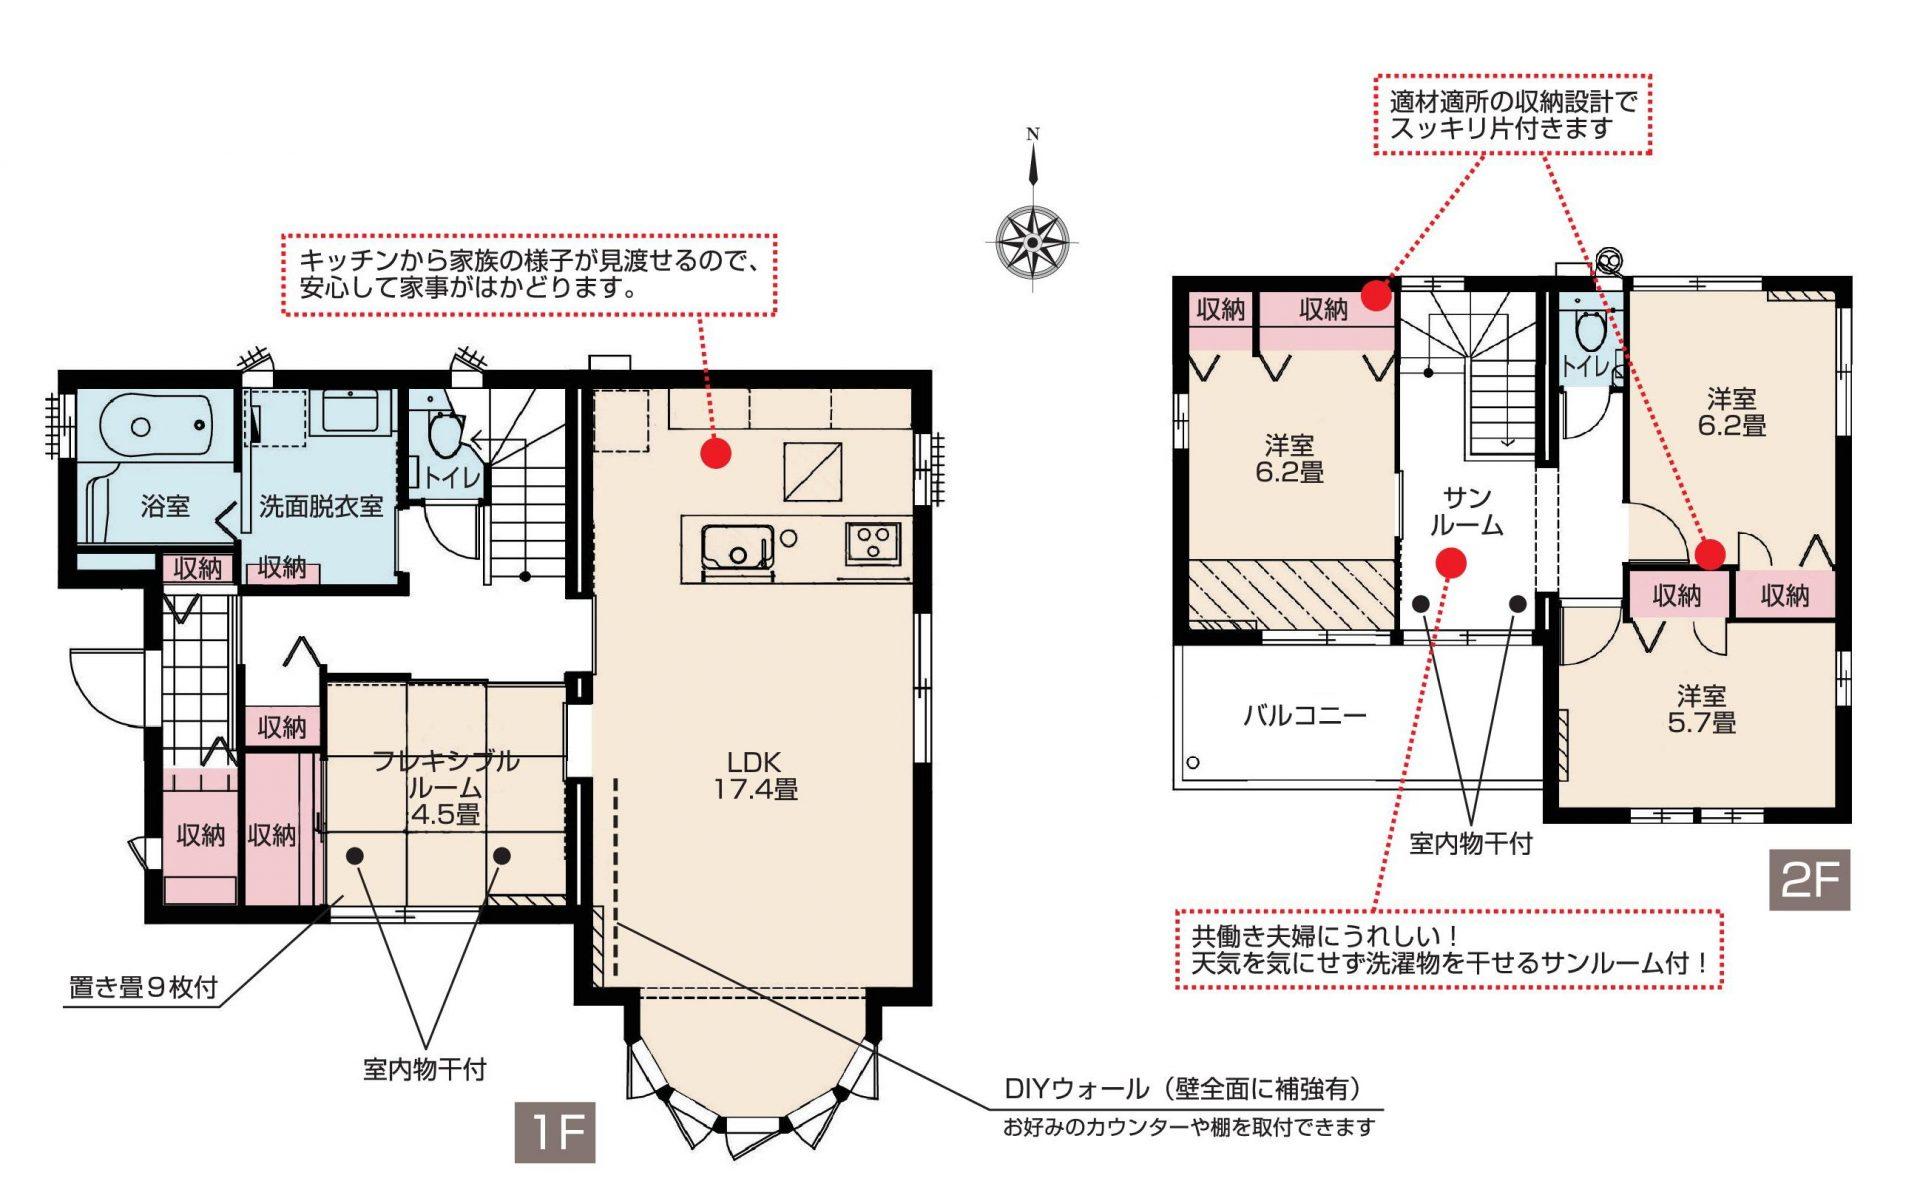 【分譲住宅・建売】スマートハイムシティ住吉ガーデン北 No.26(間取図)